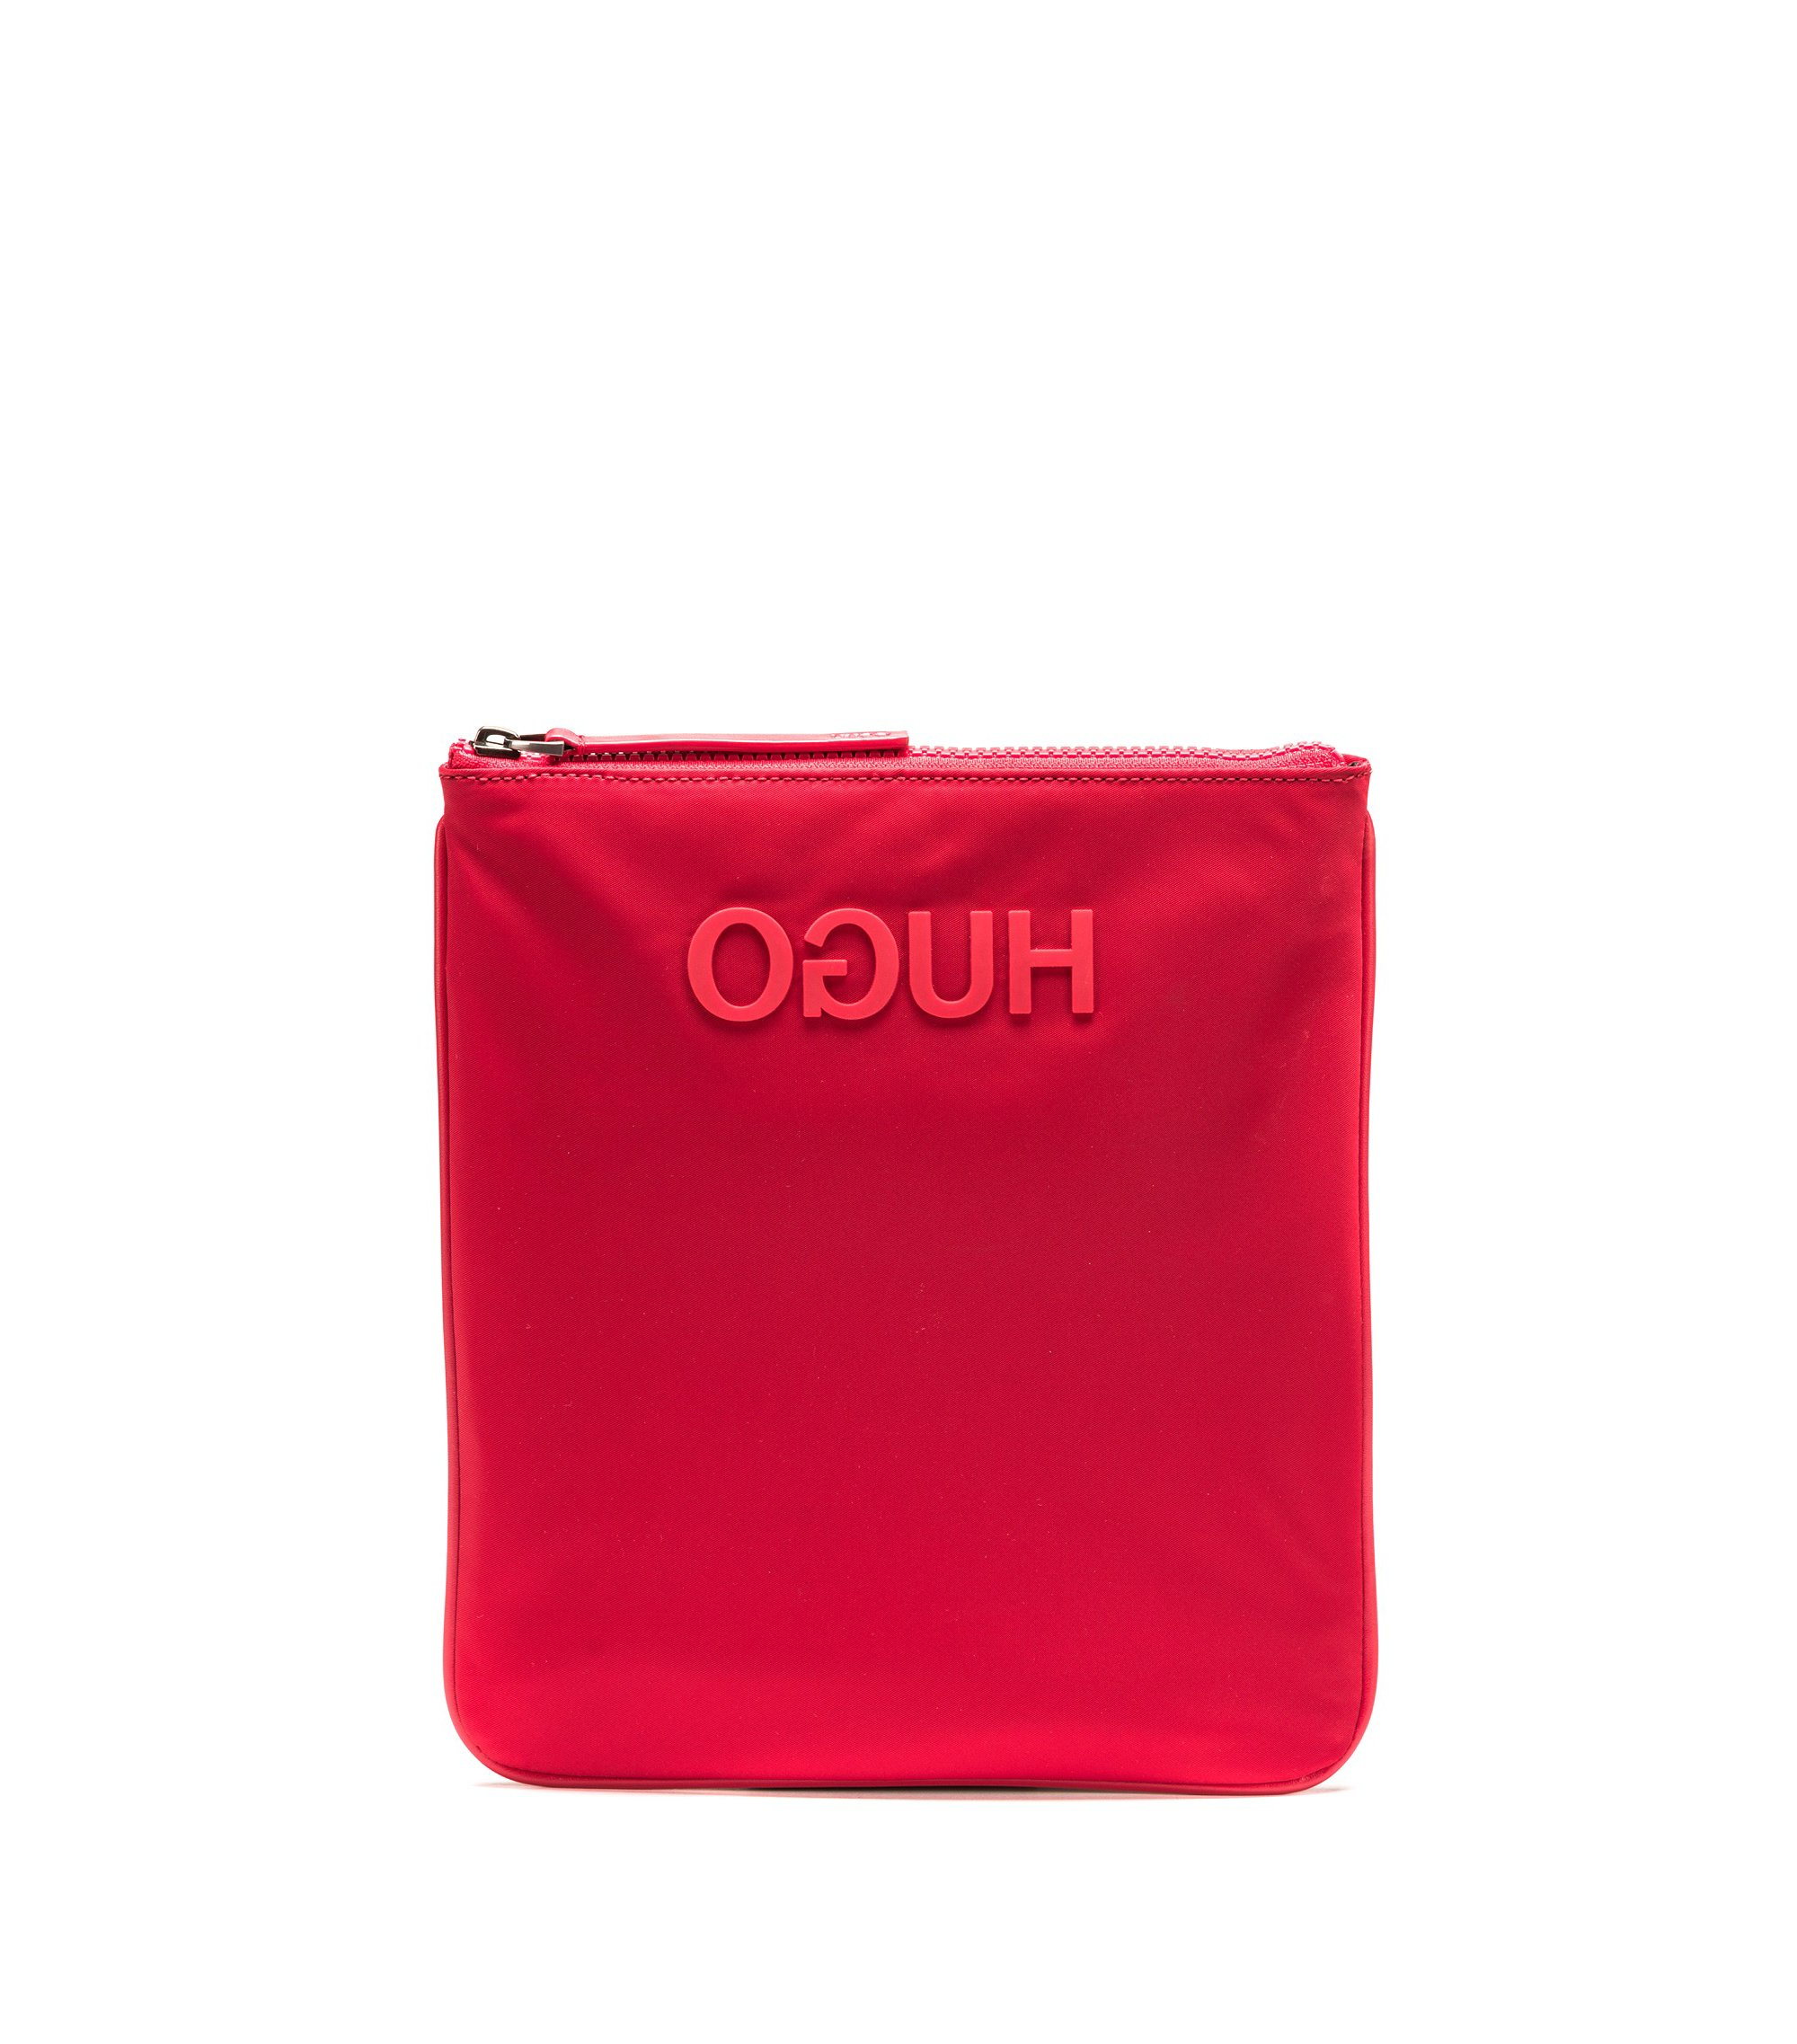 Umhängetasche aus Nylon-Gabardine mit gummiertem Reversed-Logo, Rot